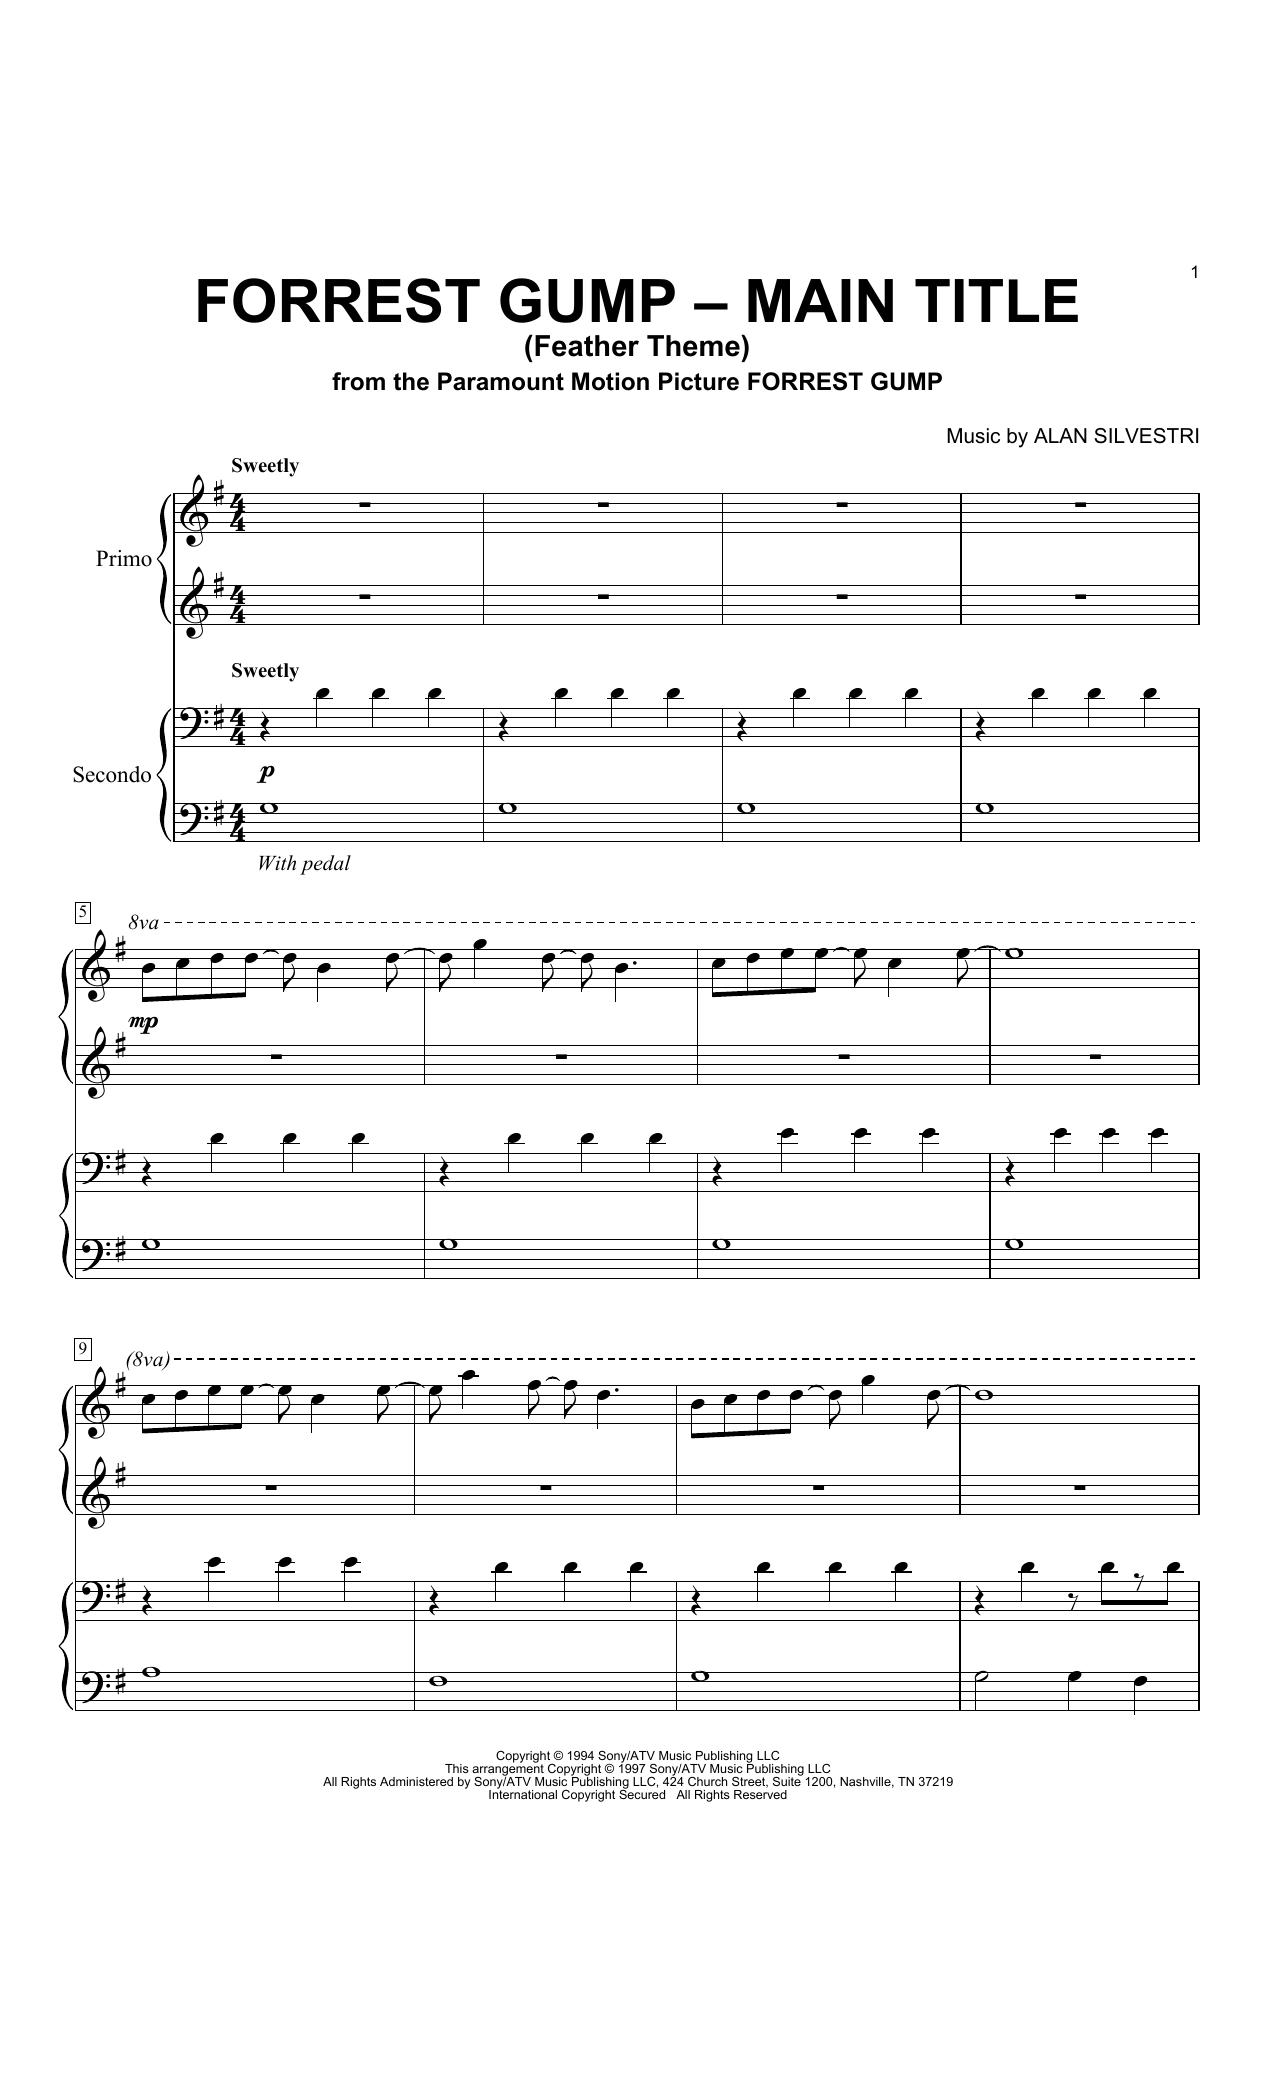 Partition piano Forrest Gump - Main Title (Feather Theme) de Alan Silvestri - 4 mains